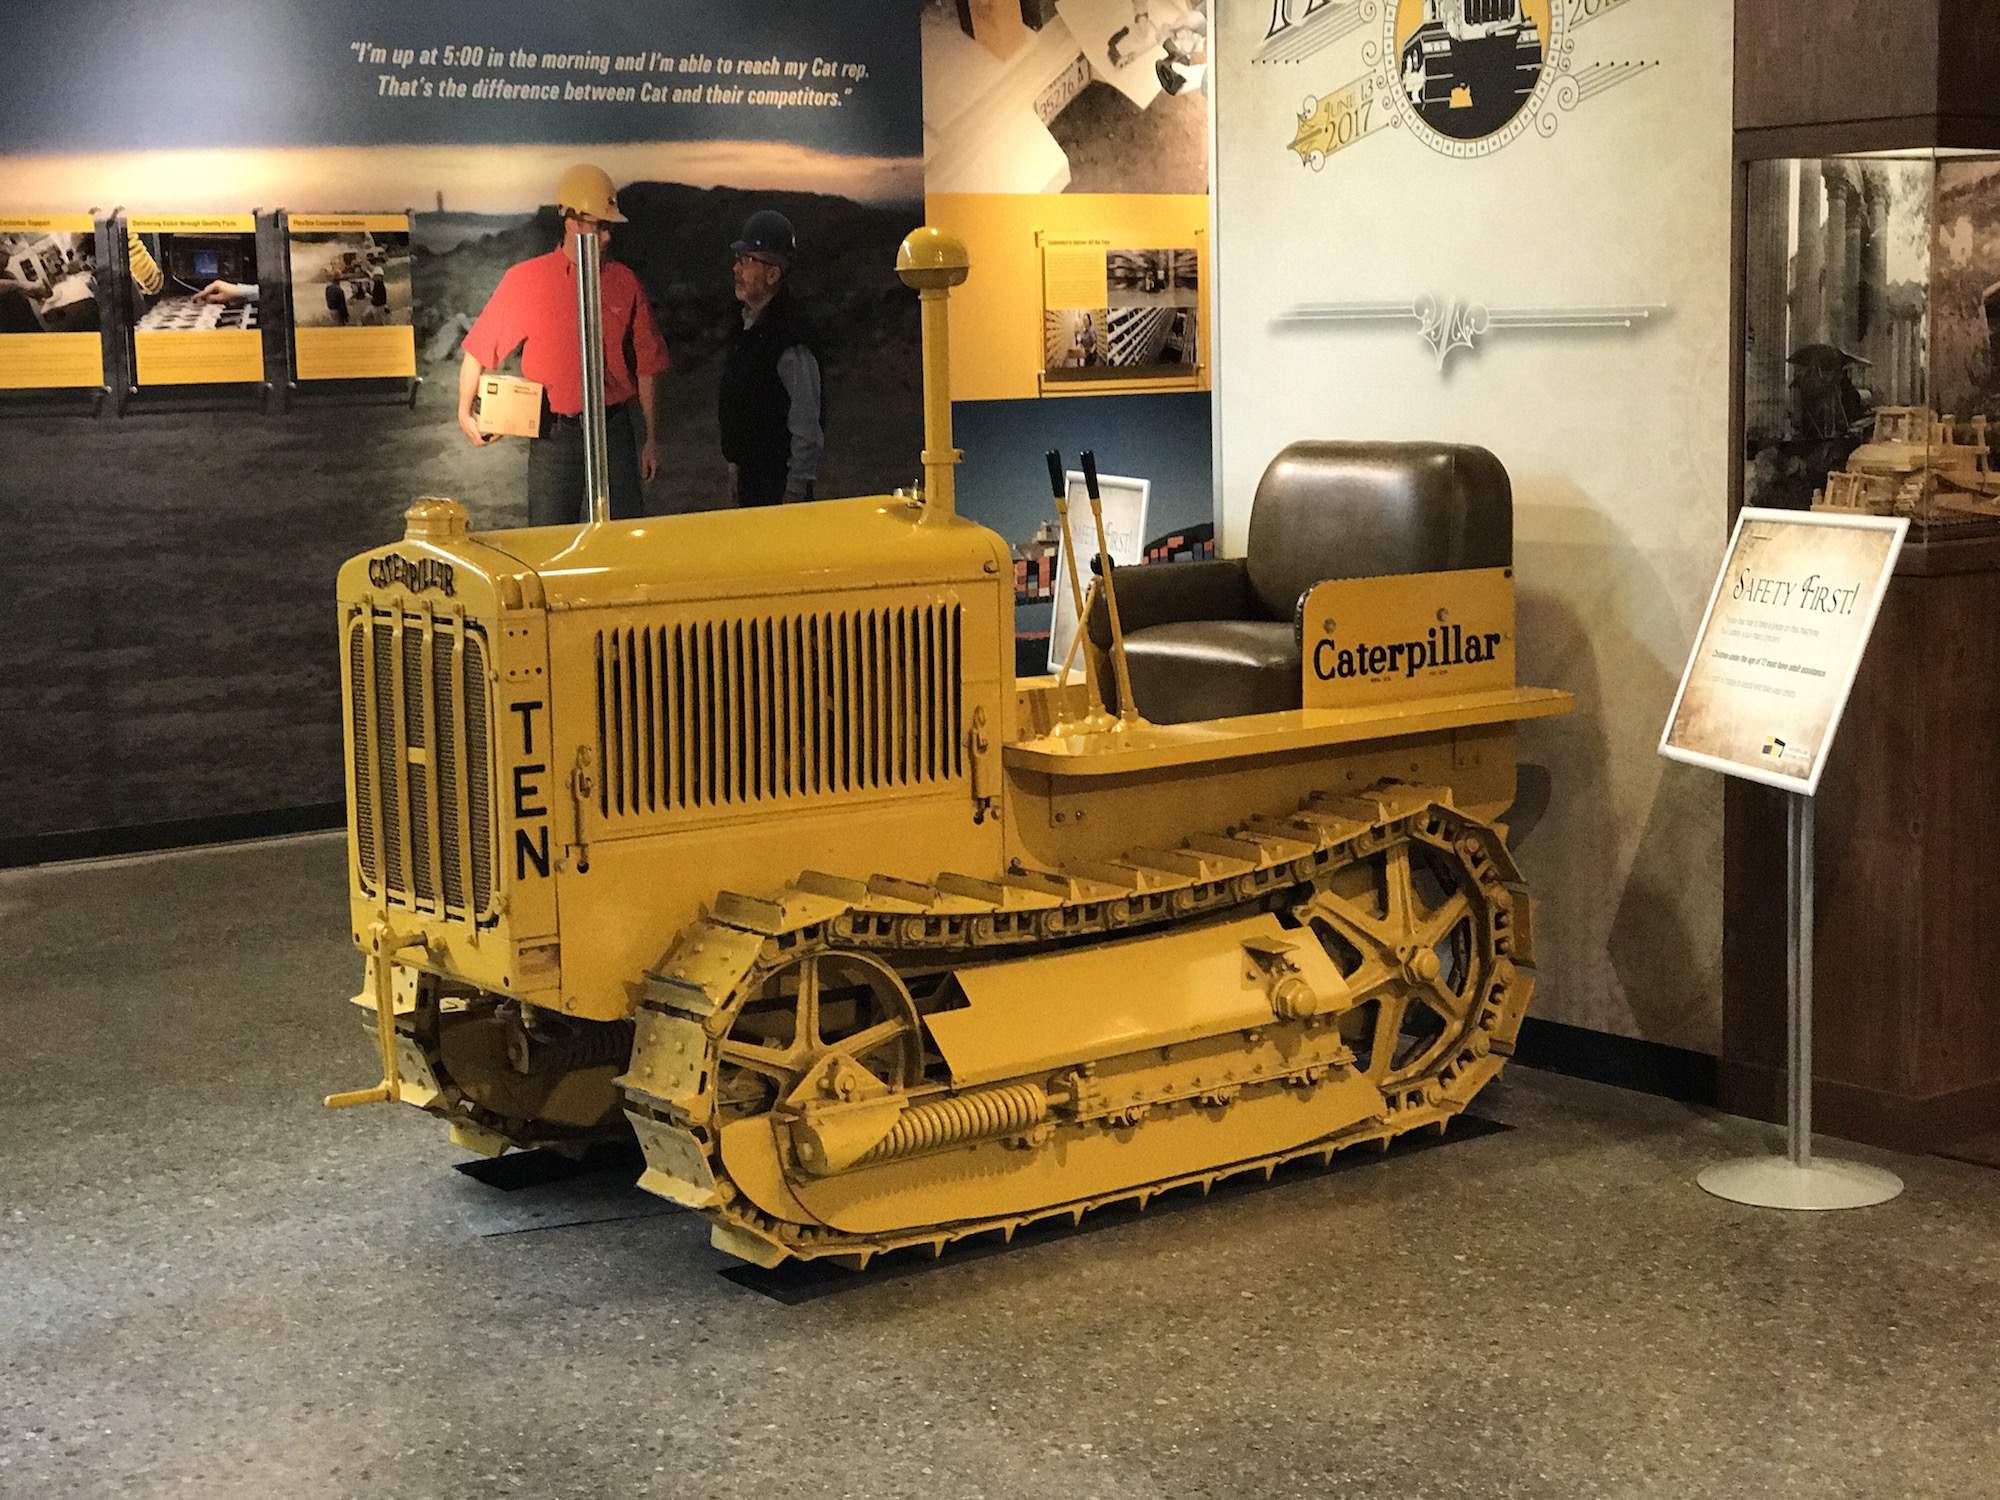 PHOTOS: Cat displays contractor's amazing antique machine